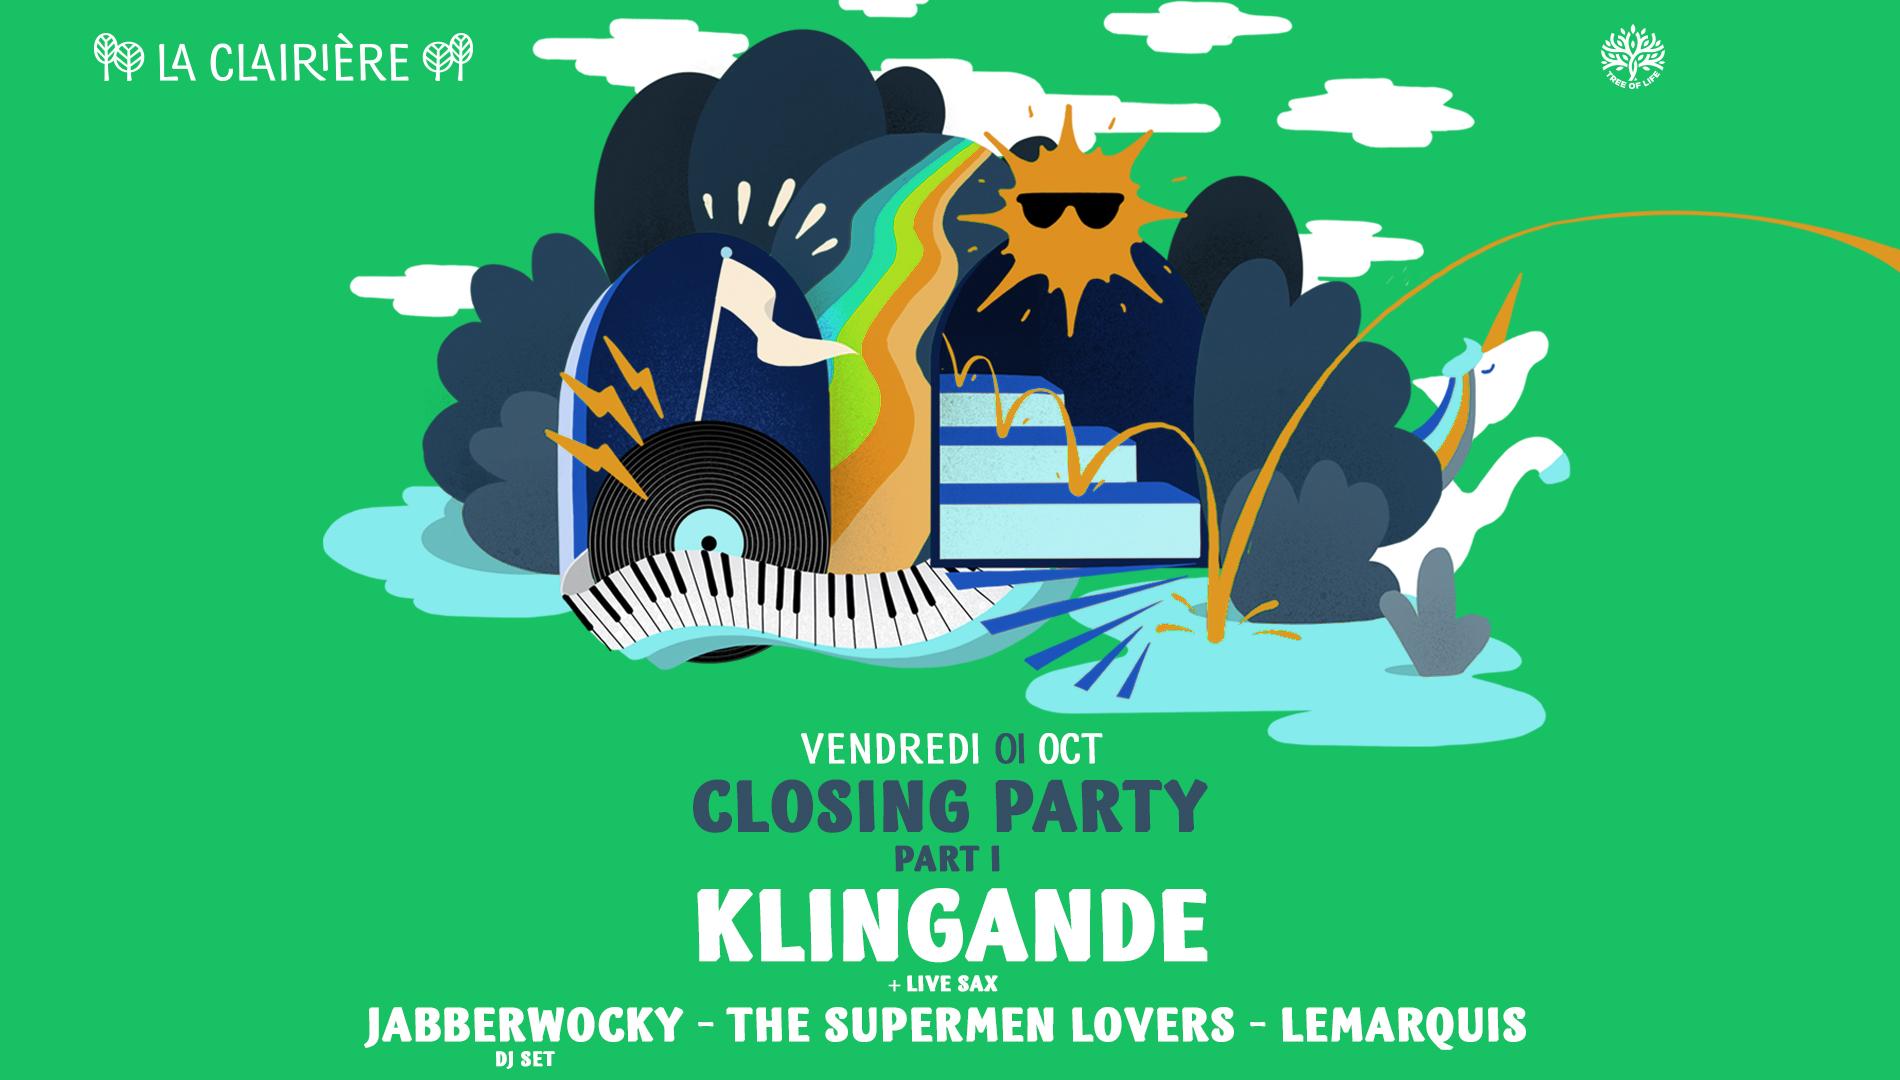 La Clairière Closing Party Part 1 : KLINGANDE (+ Live Sax)